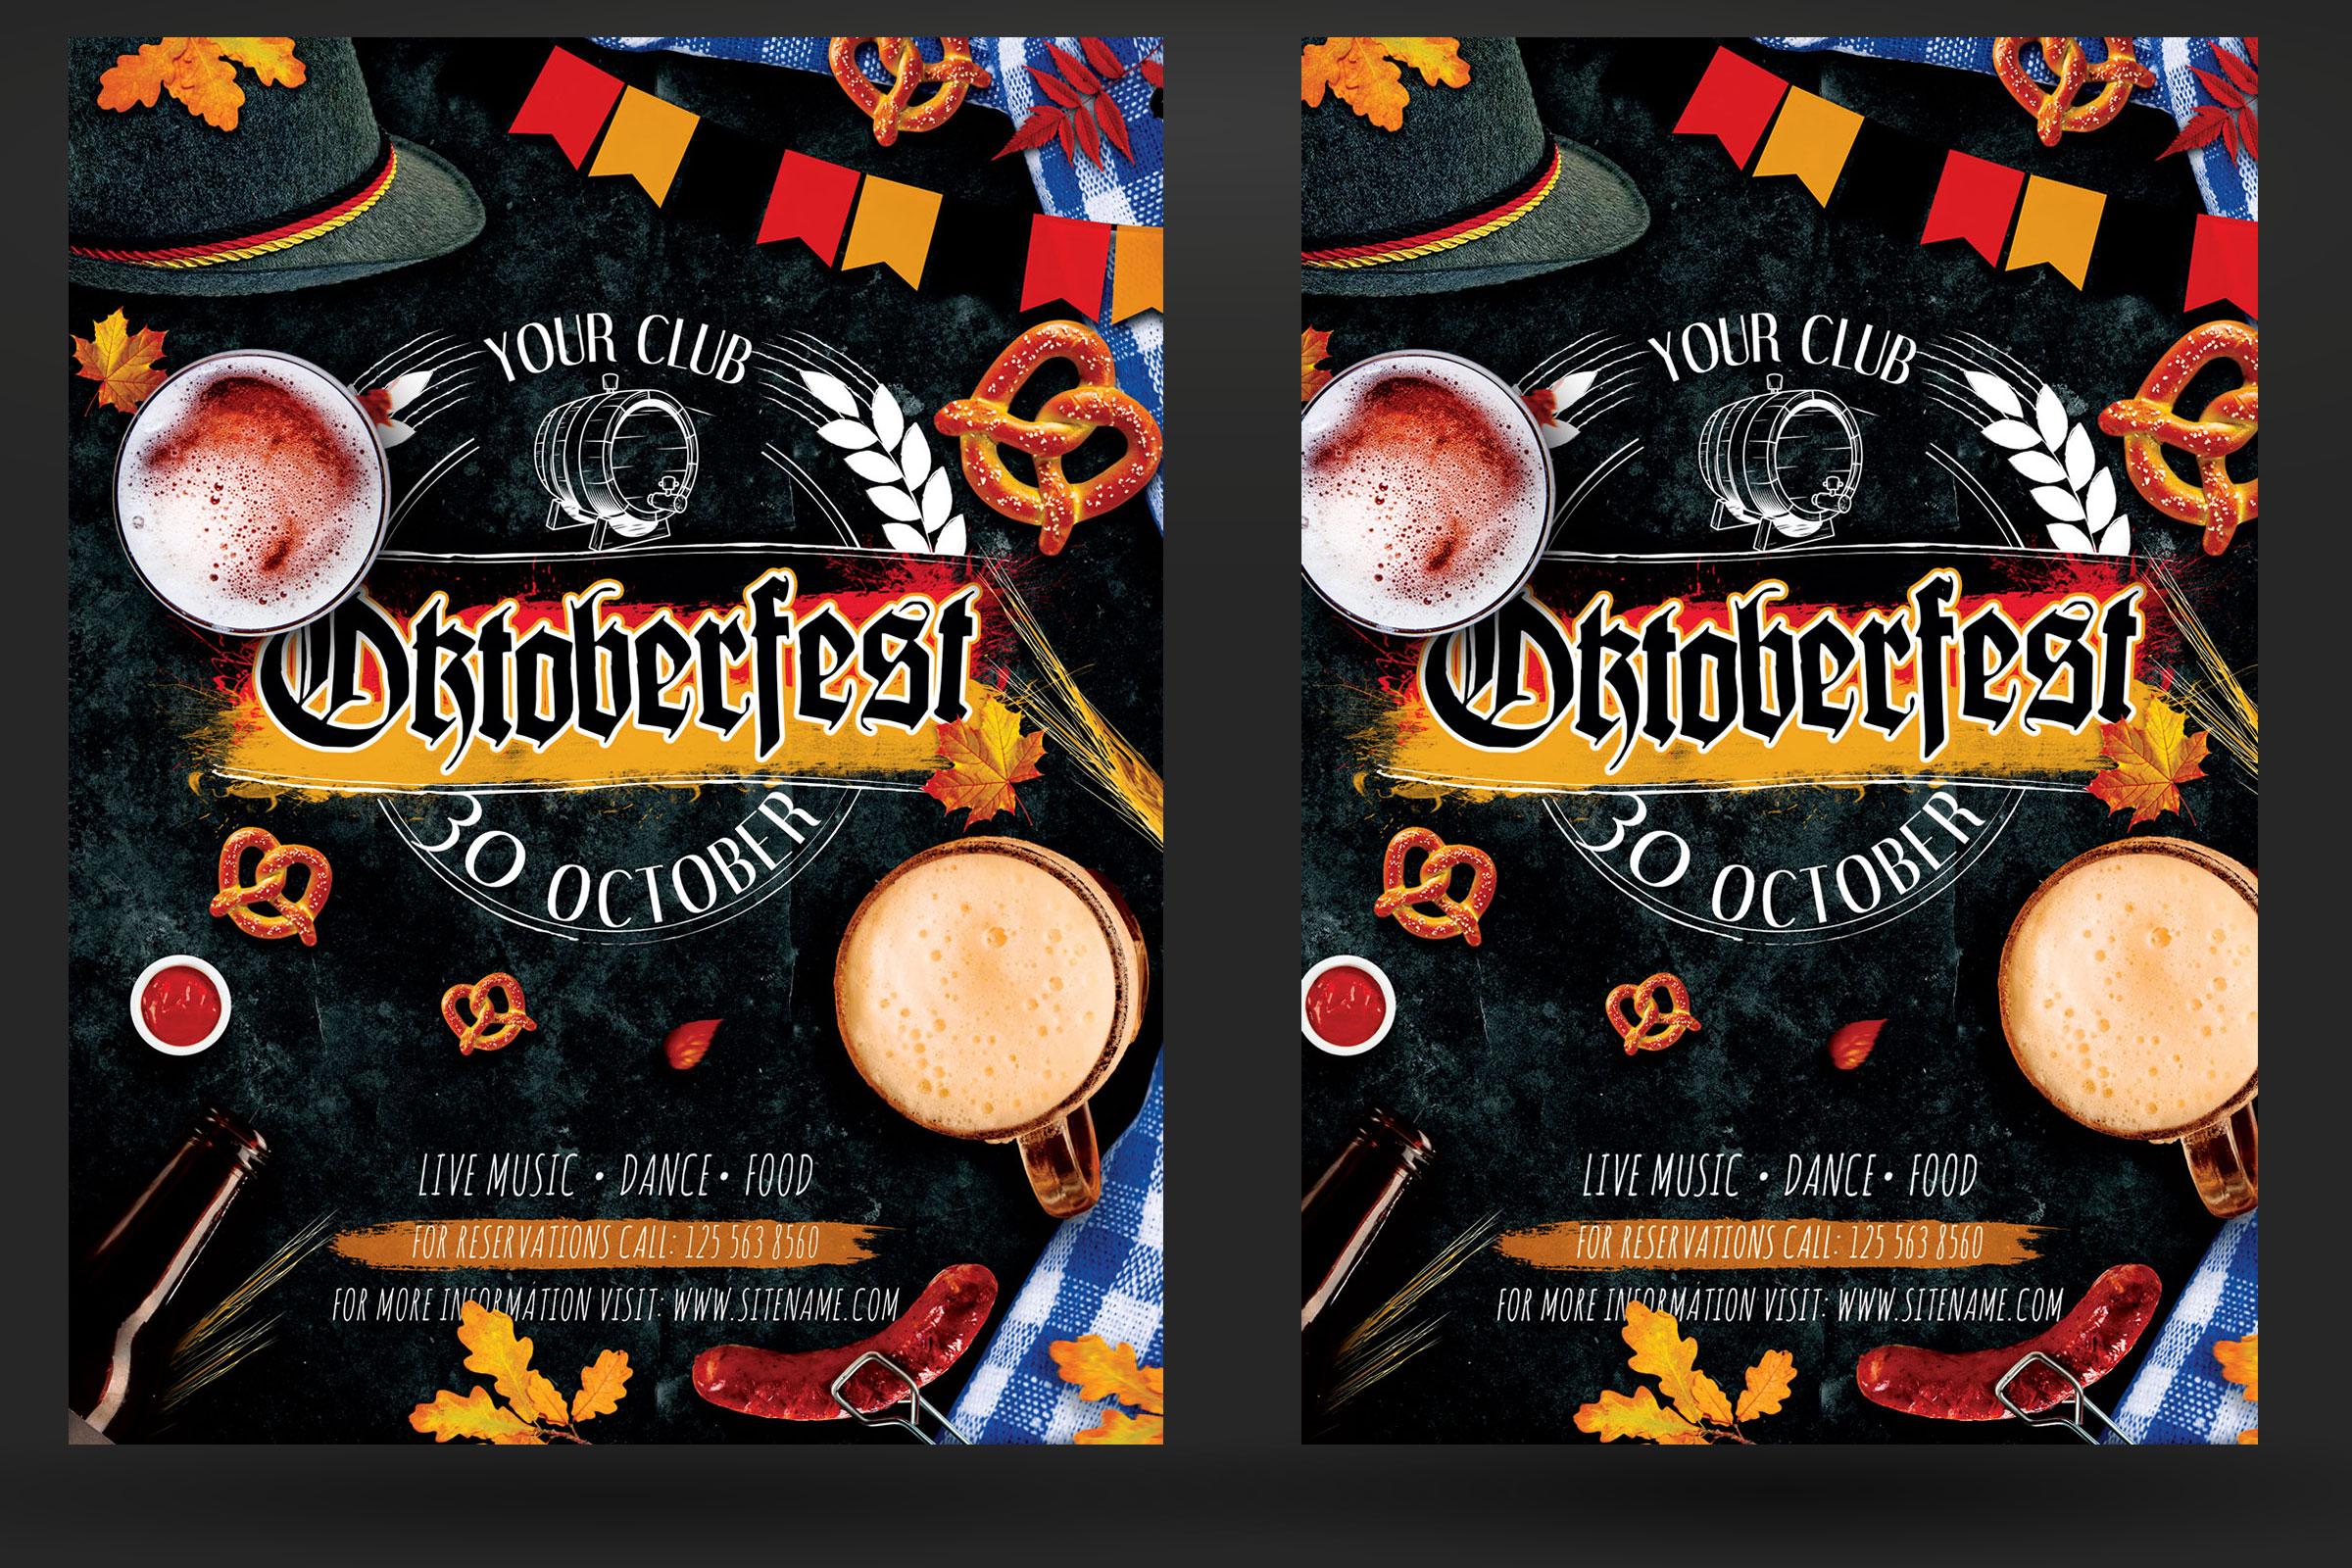 Oktoberfest Octoberfest Festival Flyer example image 2